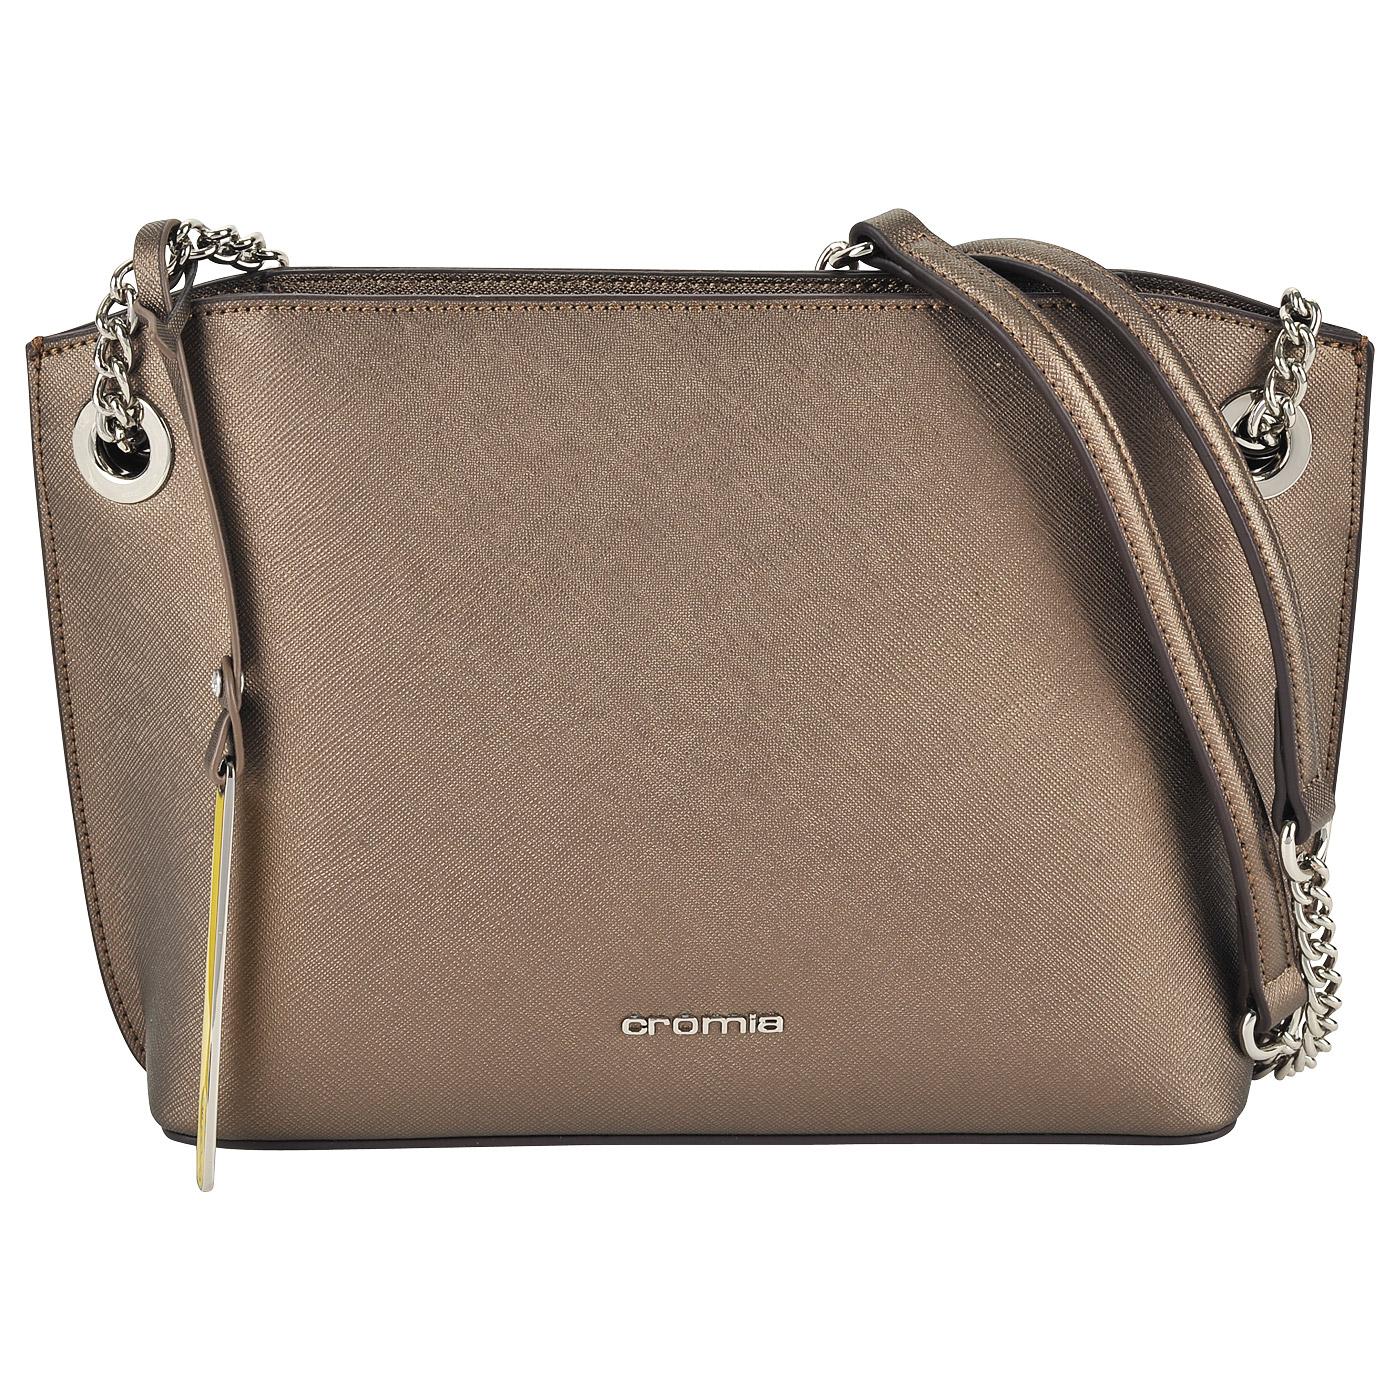 7c1085593ca8 Женская сумка кросс-боди из натуральной сафьяновой кожи Cromia Perla ...